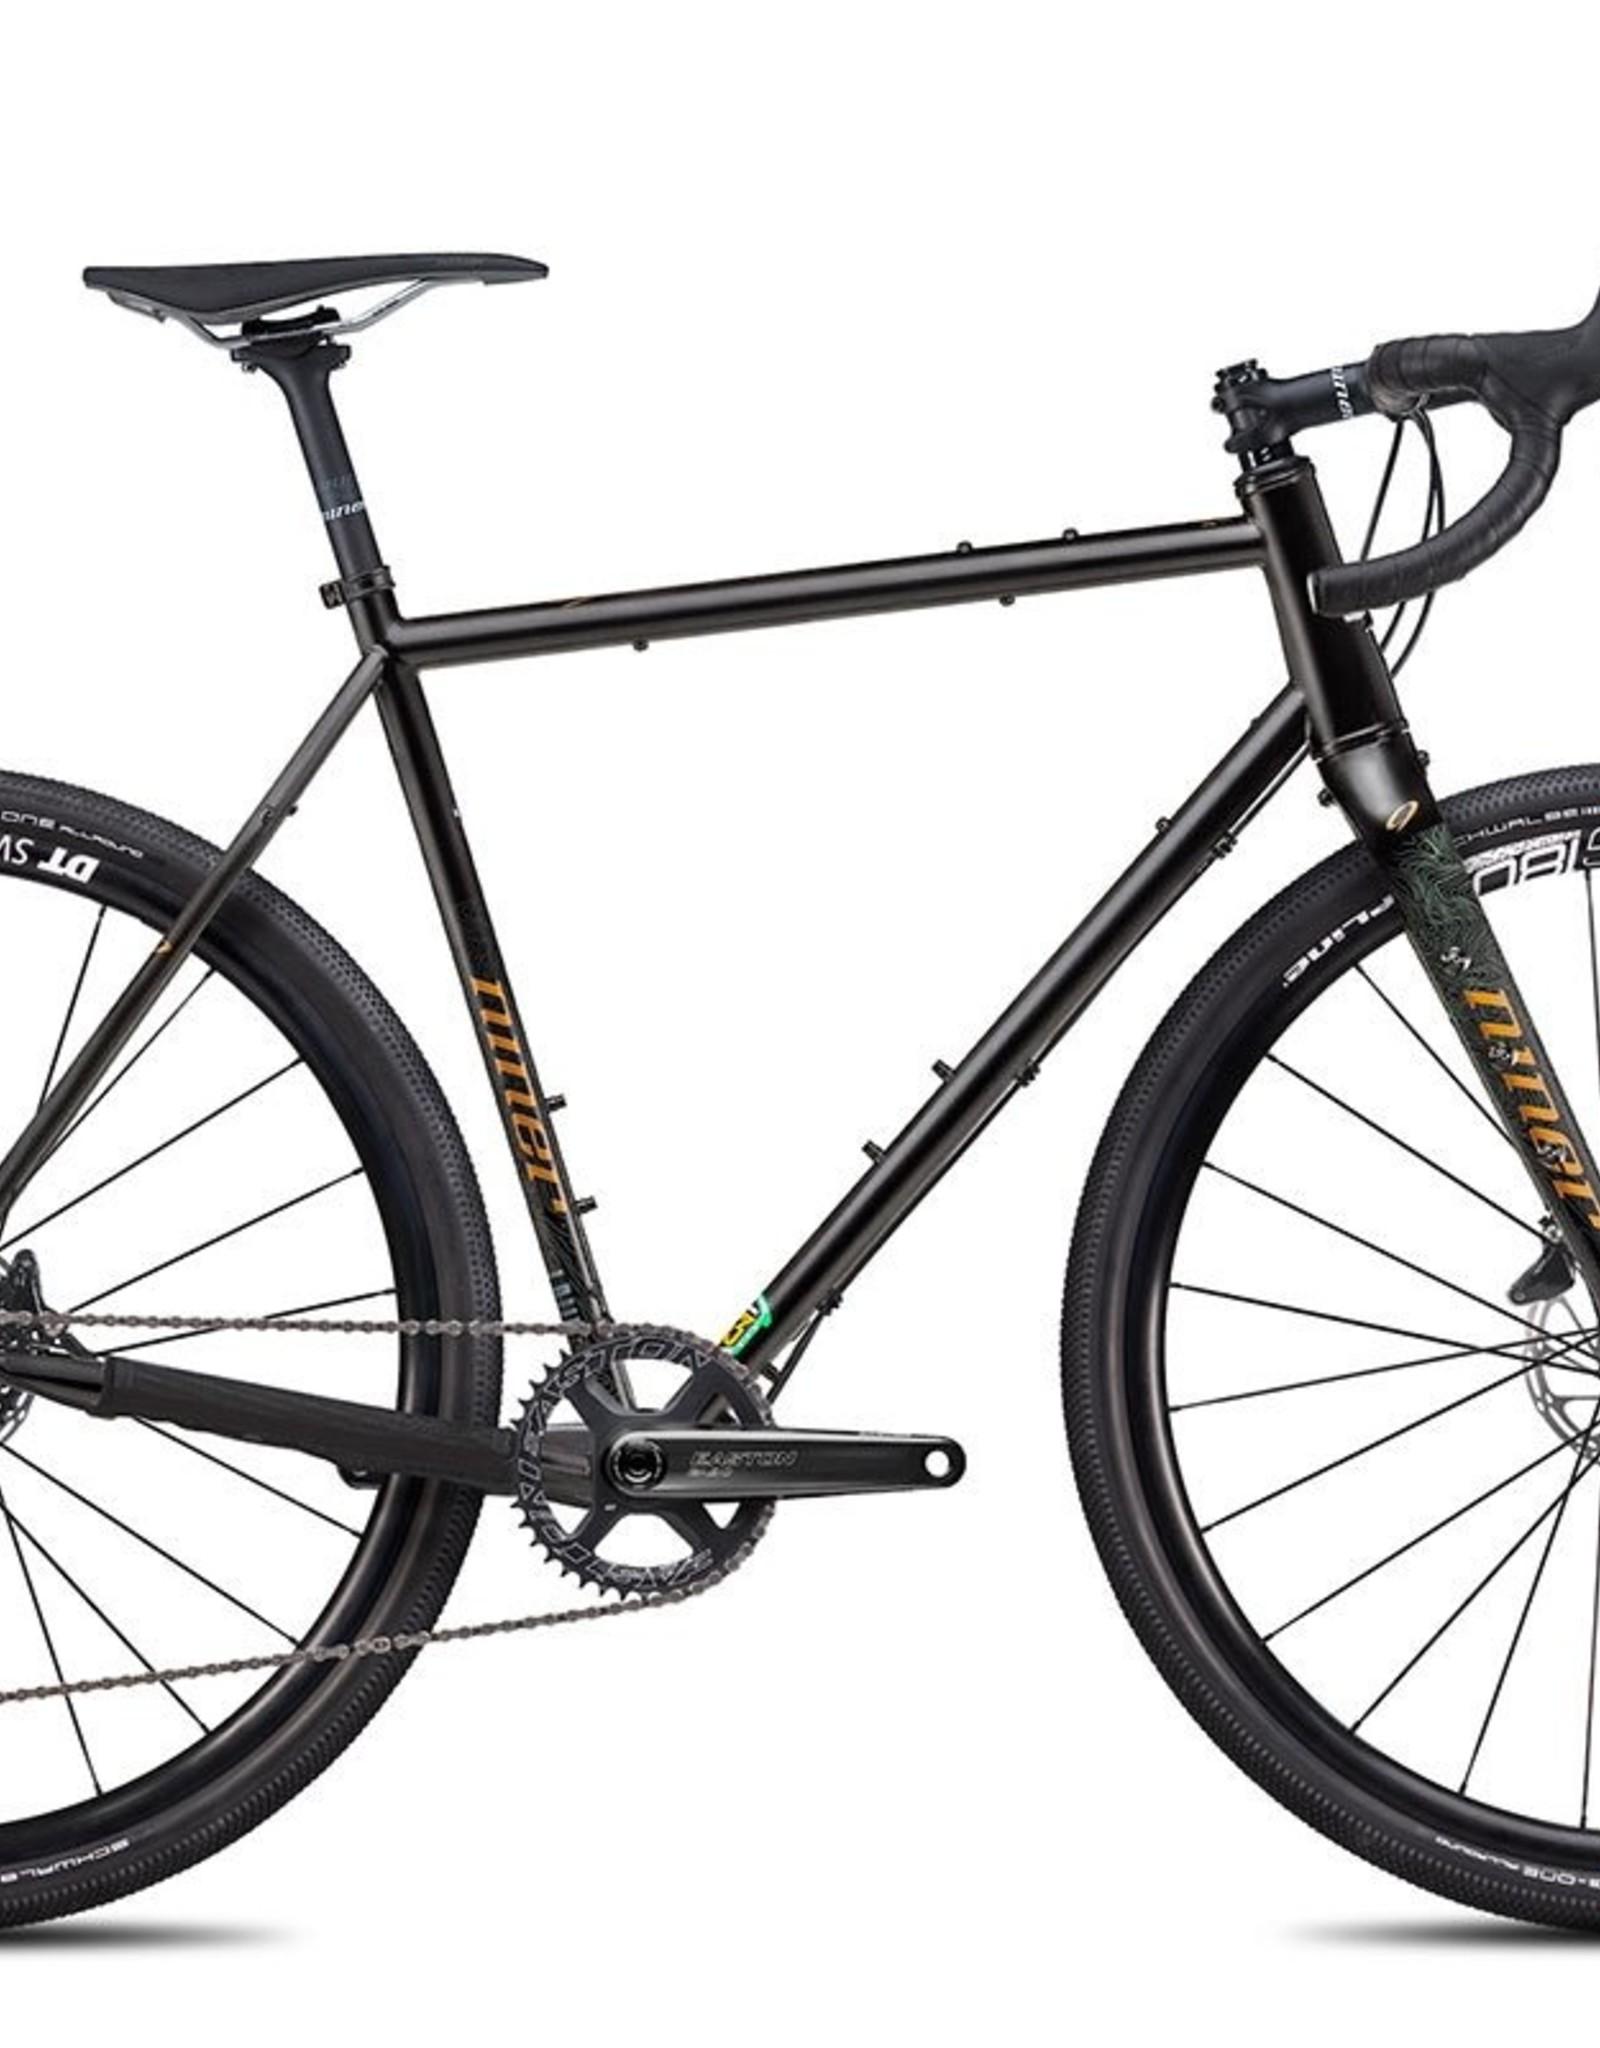 Niner Niner 2021 RLT 9 Steel 3 -Star Gravel Bike